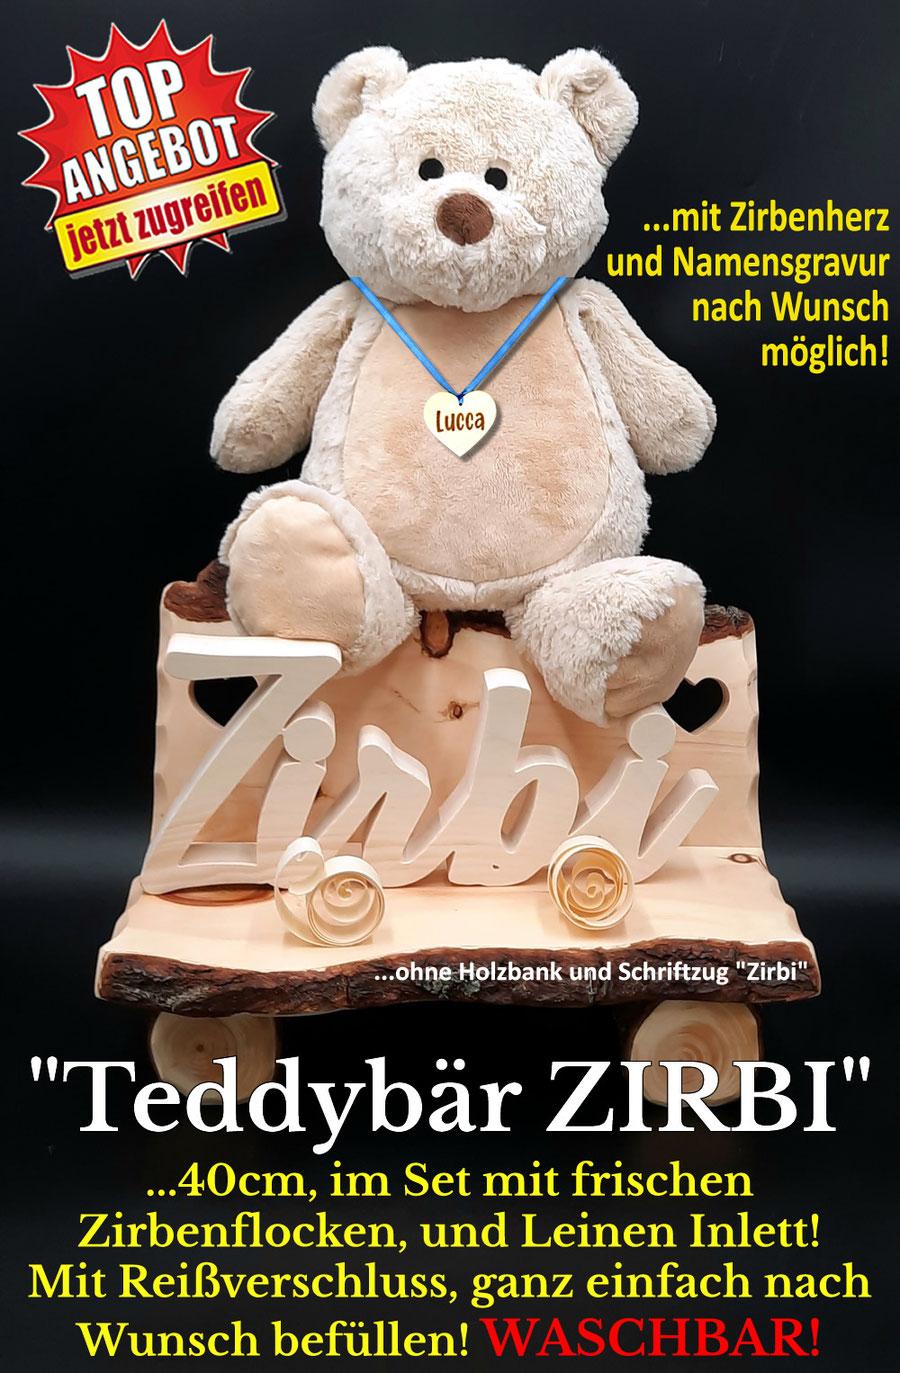 Kuscheltier Stofftier Teddybär mit Zirbenholzfüllung, mit frischen Zirbenflocken befüllt!